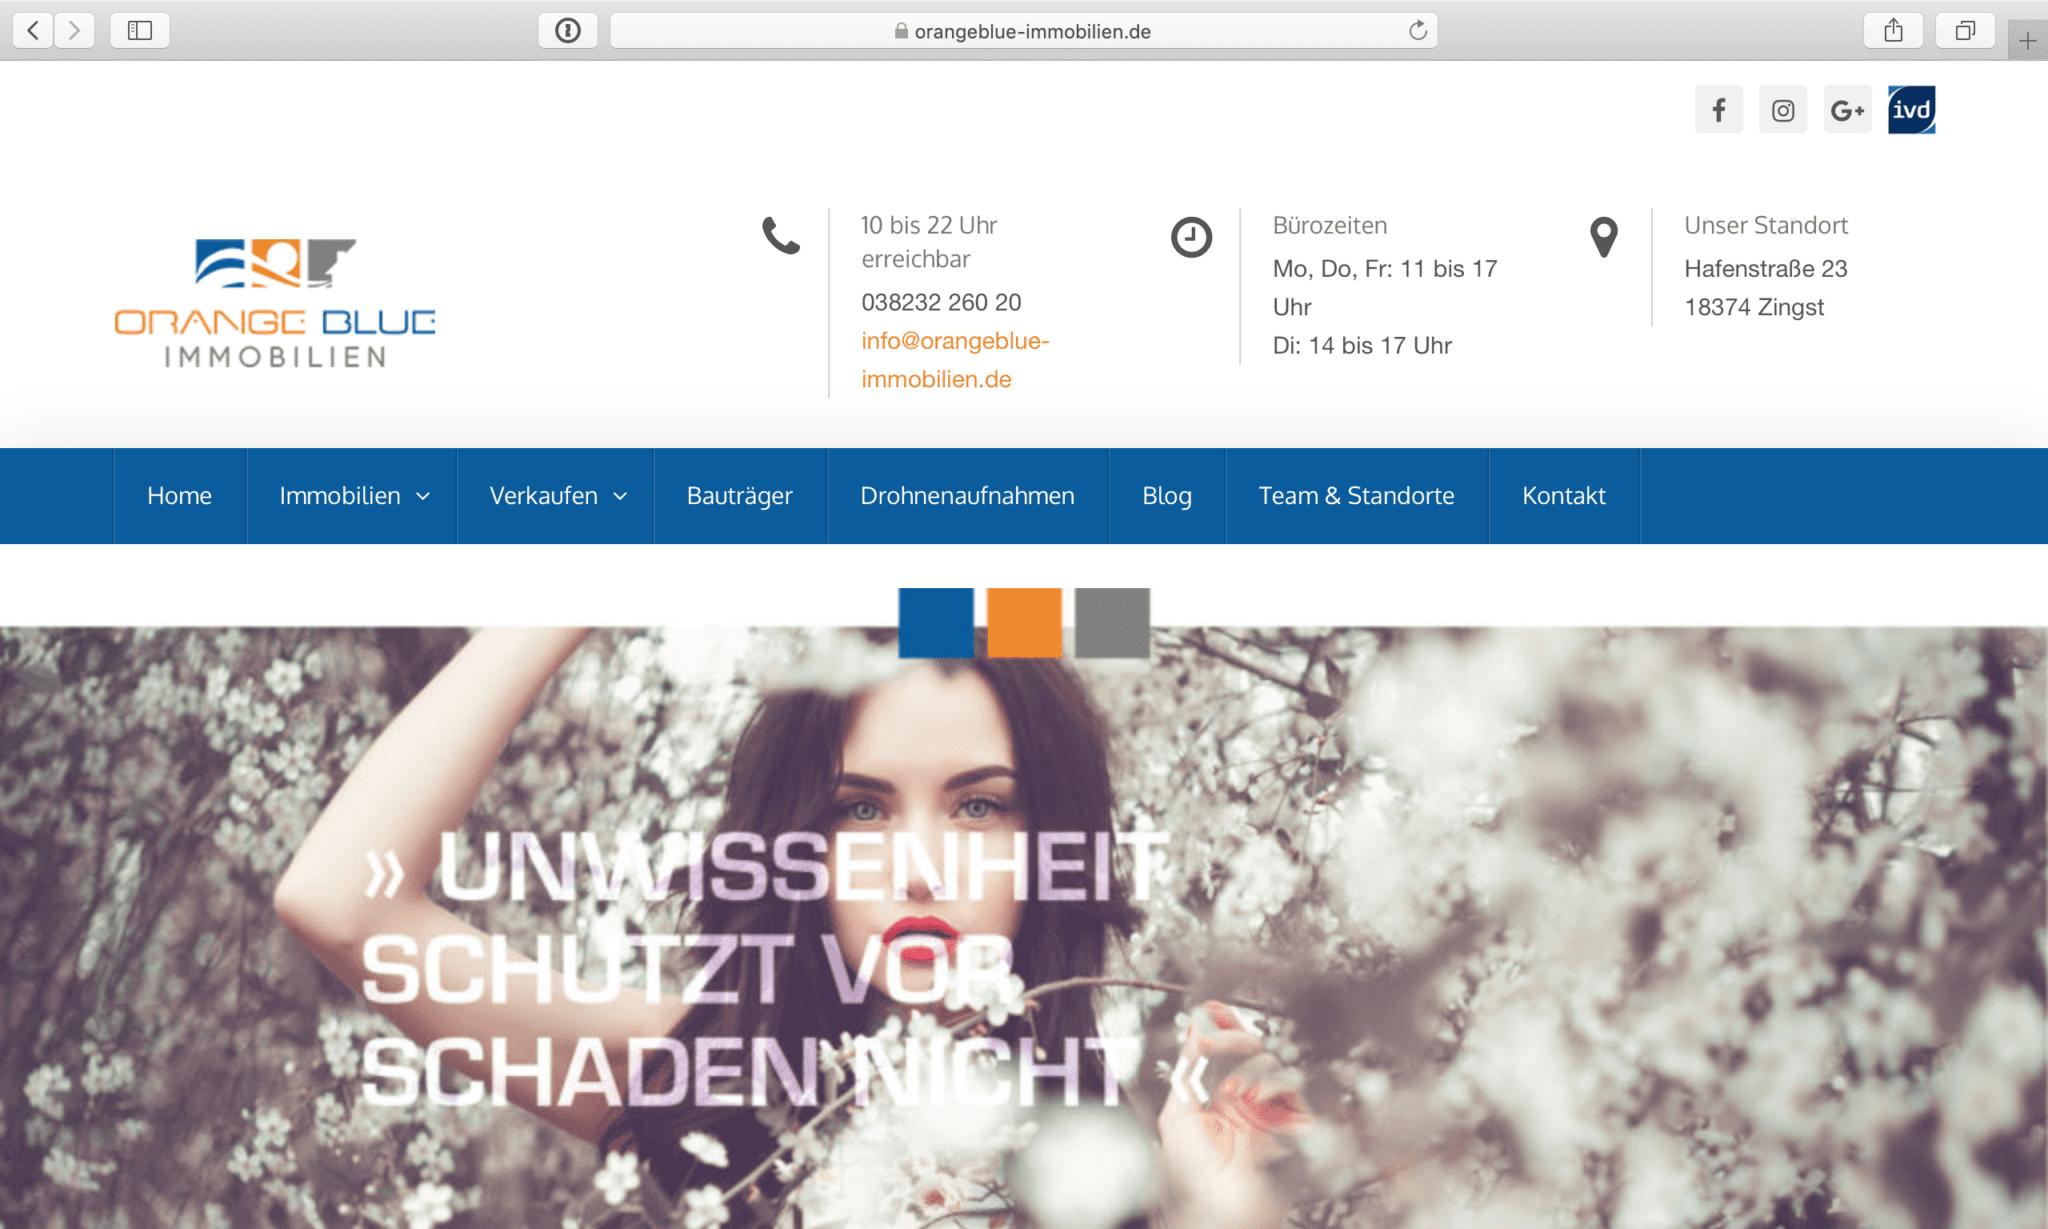 www.orangeblue-immobilien.de